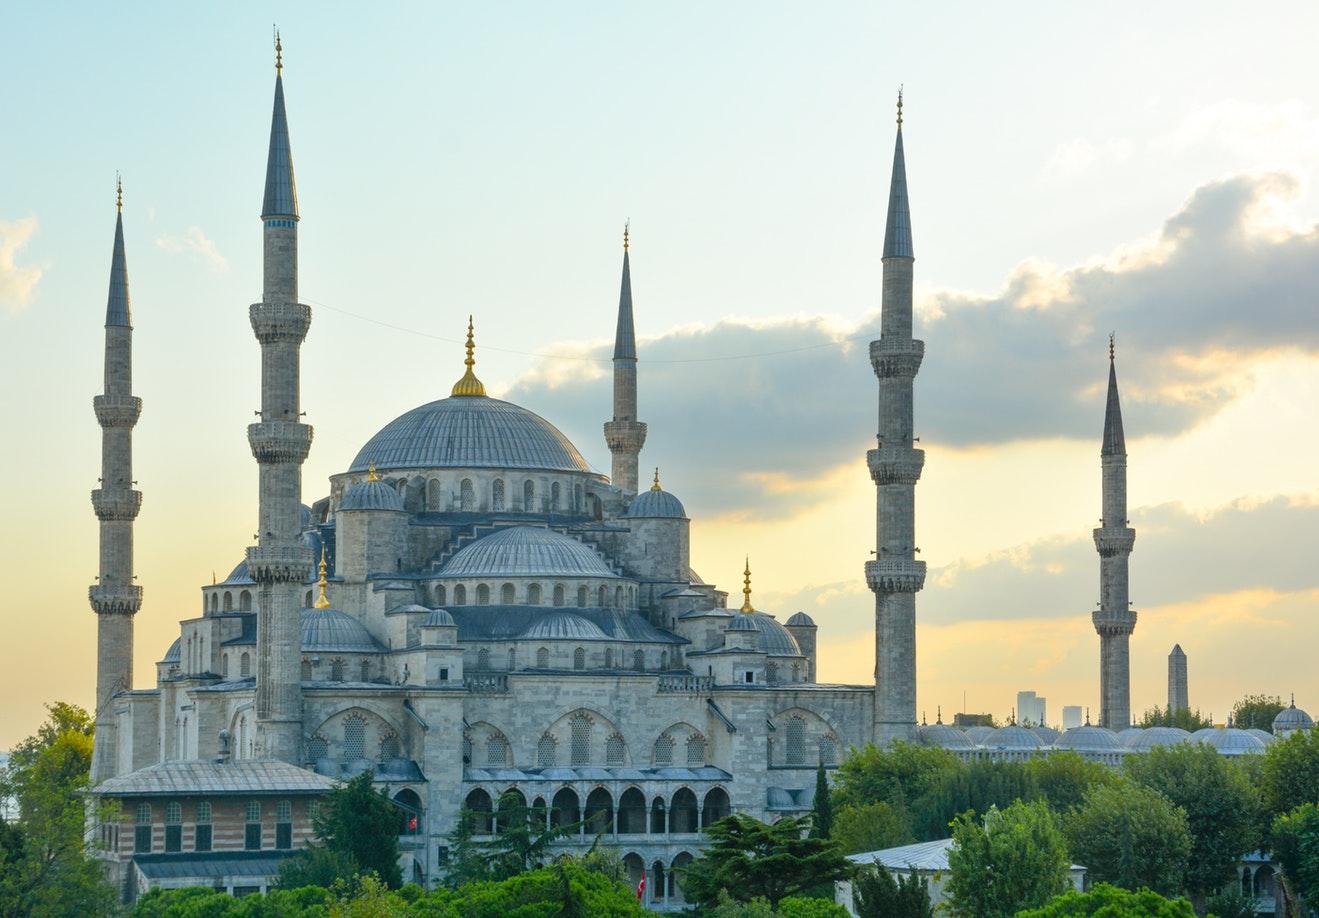 터키여행! 독특한 매력의 터키호텔 추천 3곳